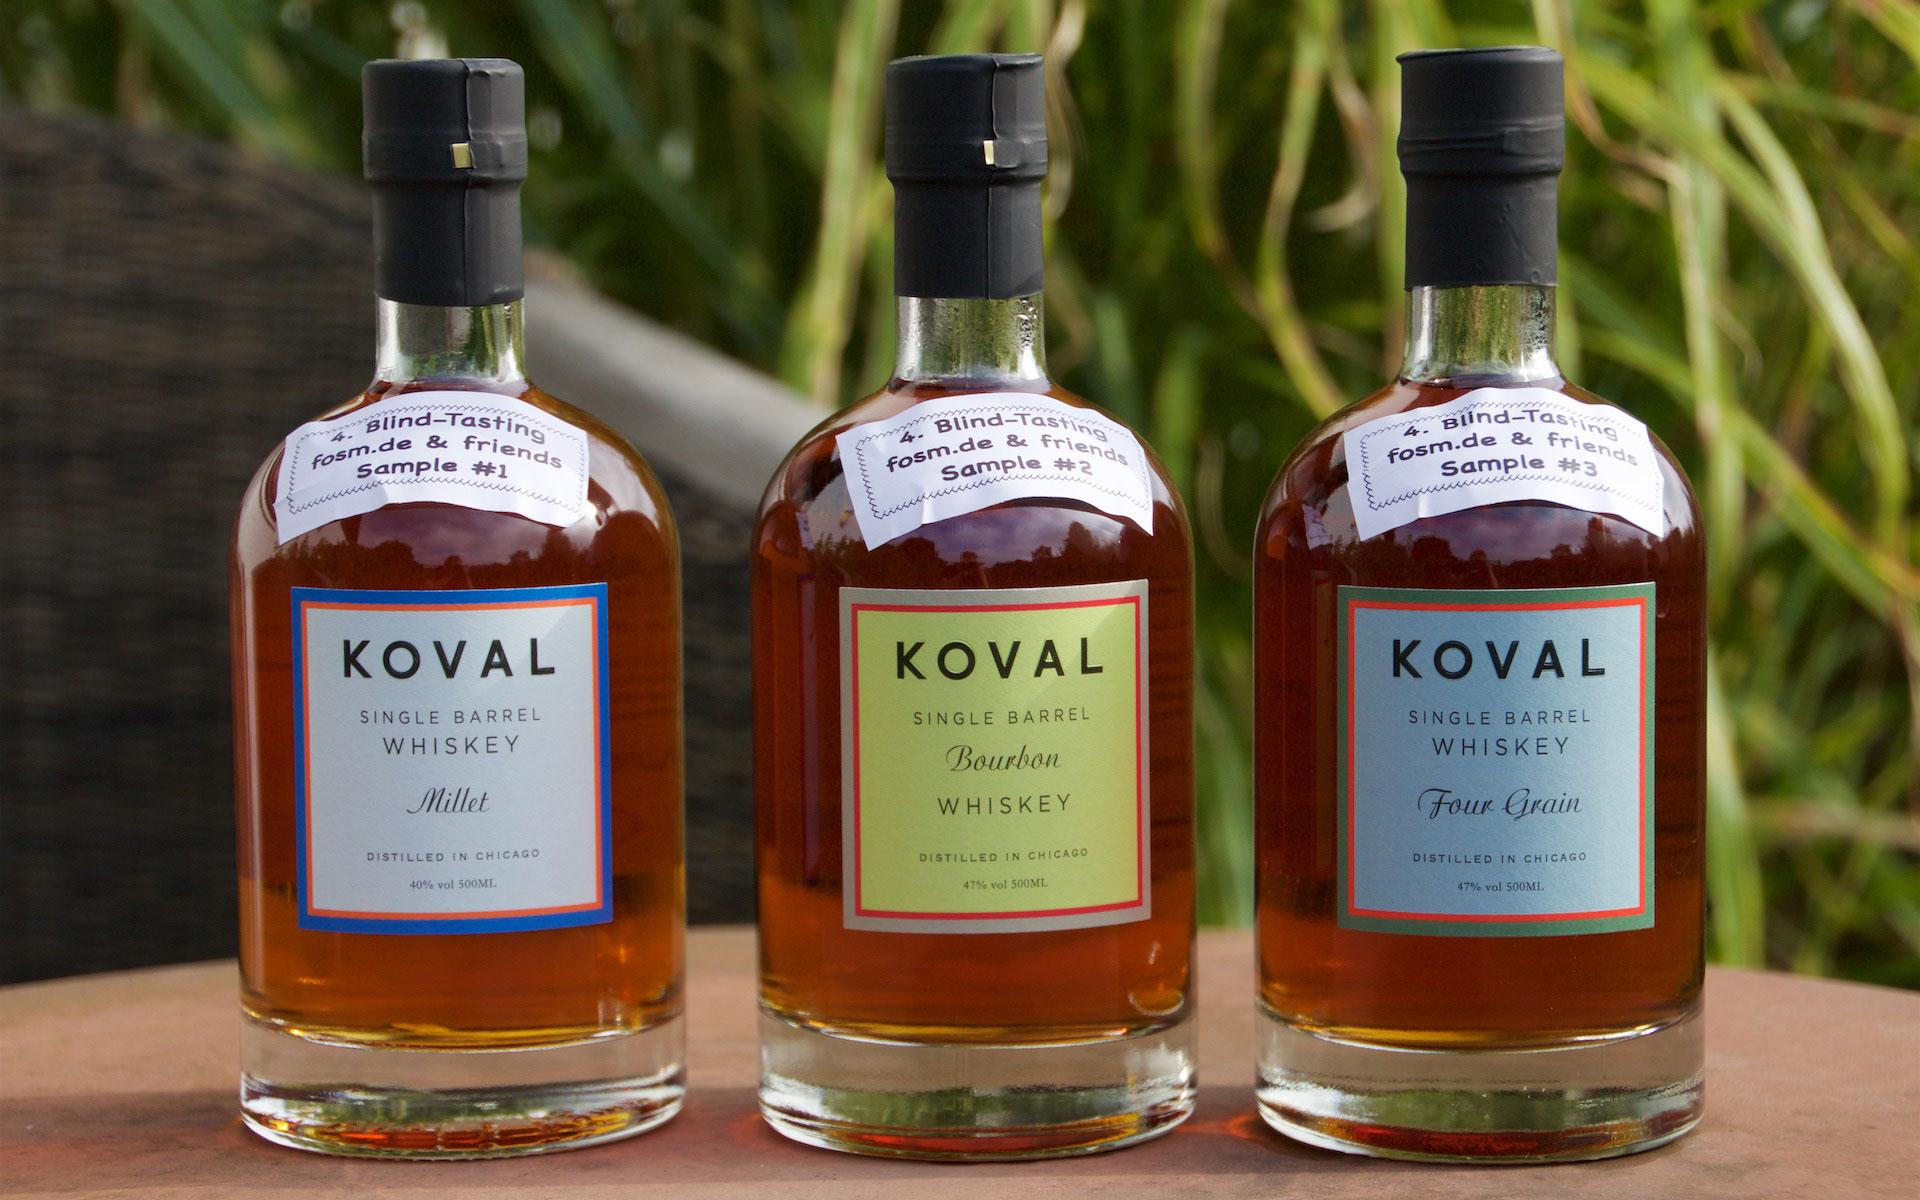 Drei Whiskeys von Koval aus Chicago galt es im Blind-Tasting zu erkennen (Foto: Peter Moser / Fosm.de)